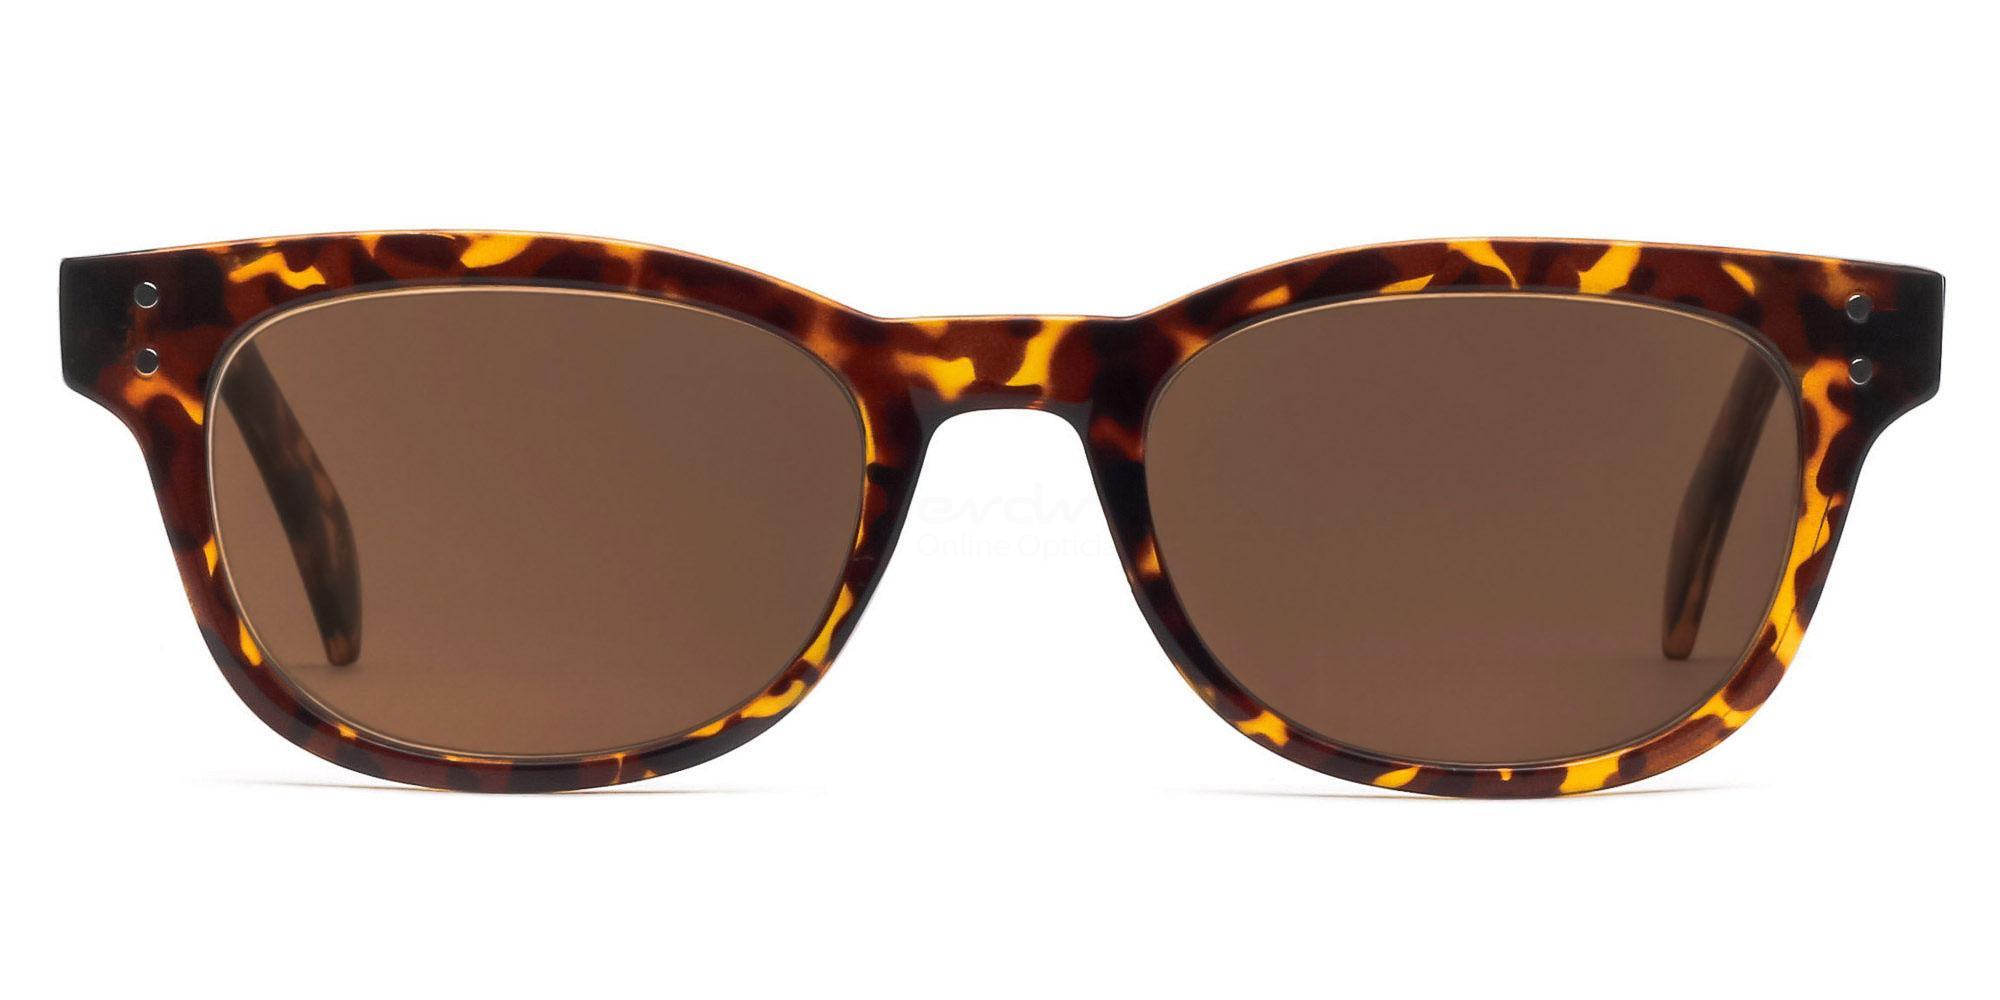 C04 Dark Brown P2249 Havana (Sunglasses) Sunglasses, Indium